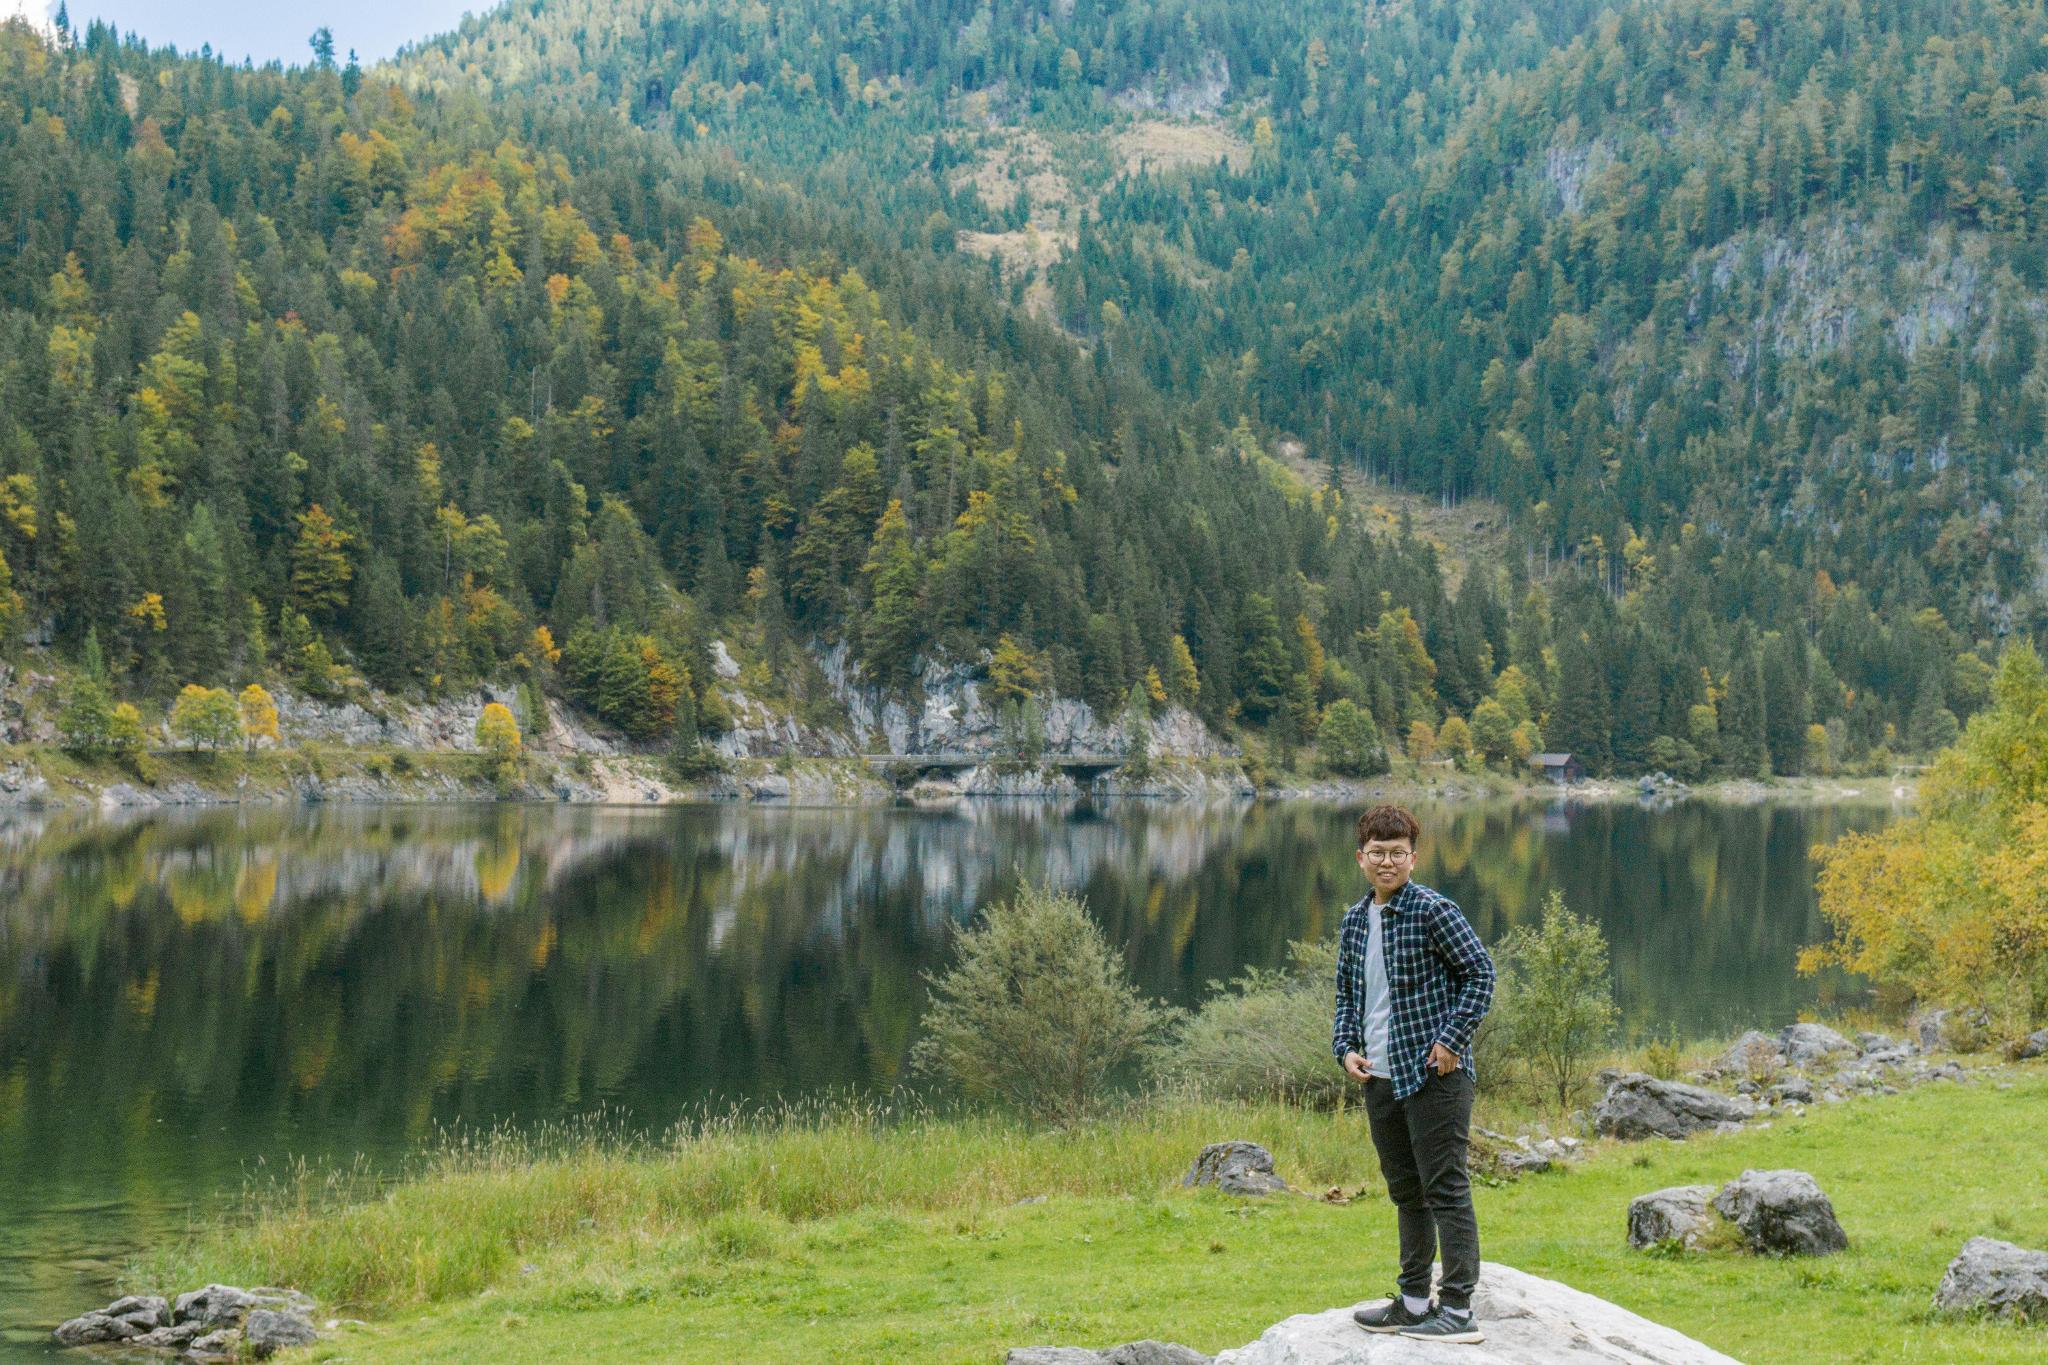 【奧地利】遠離塵囂!哈修塔特周邊的絕美湖泊 — 高薩湖 Gosausee 湖濱散記